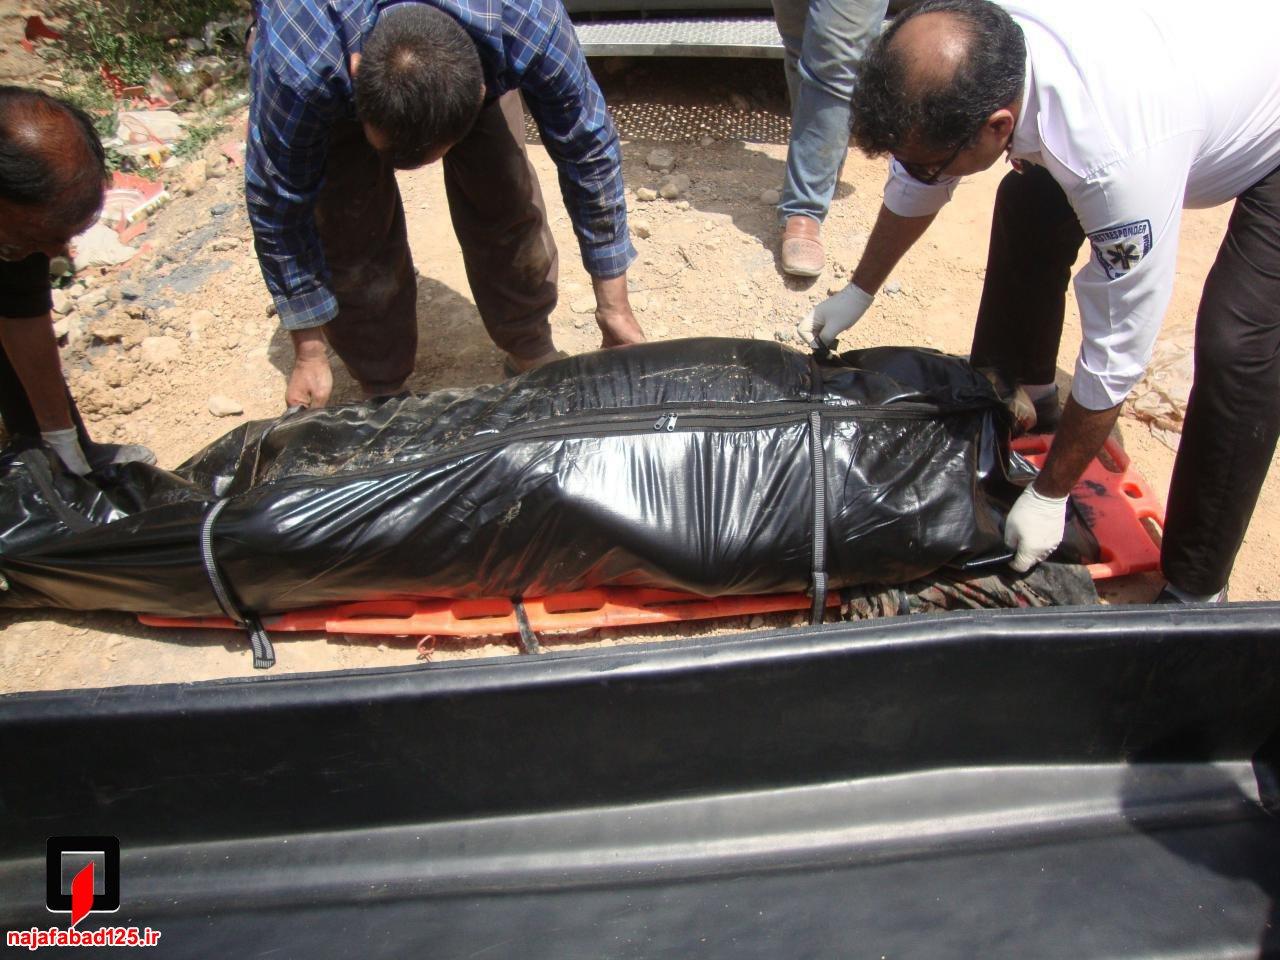 سقوط مرد ۶۰ ساله در چاه165 متری که منجر به مرگوی شد .